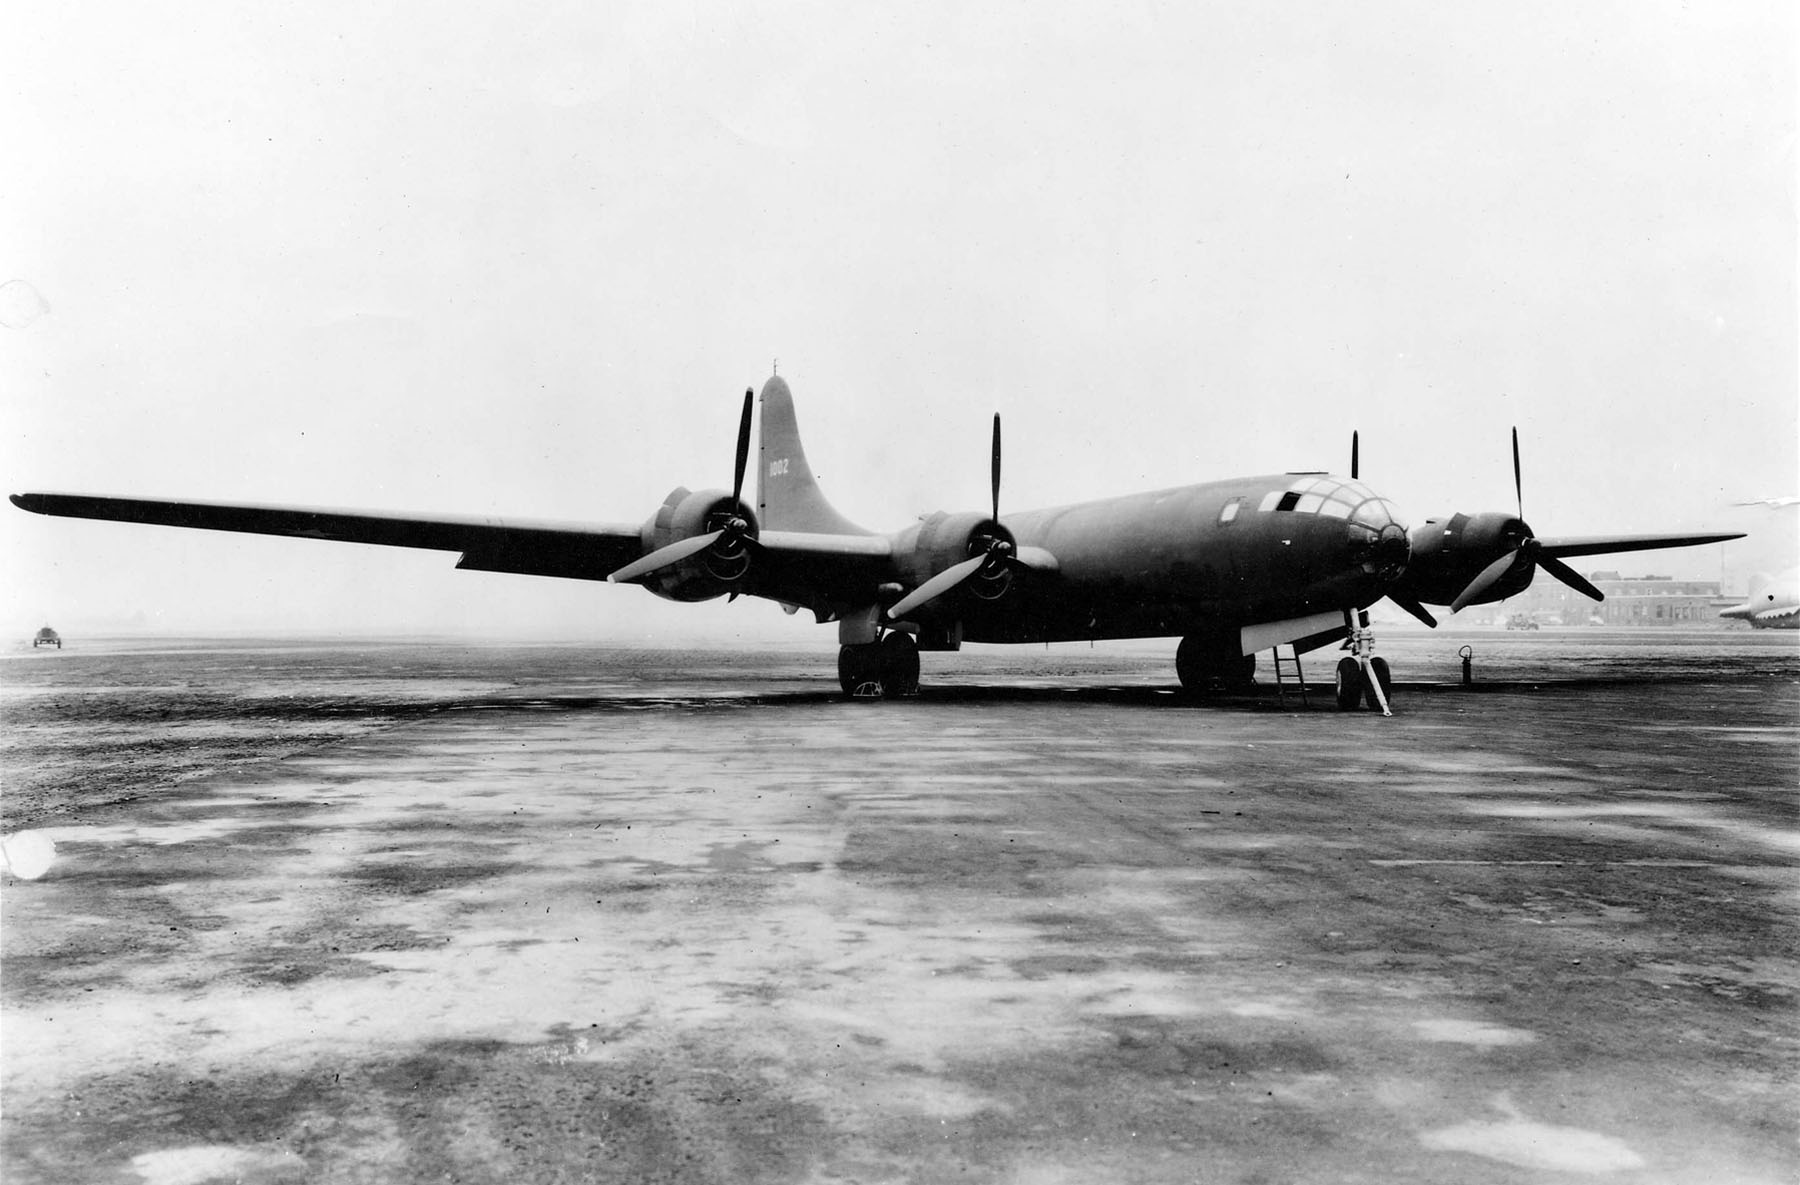 Este XB-29 fue el primer Superfortress construido, aquí fotografiado en la factoría. Los primeros ejemplares iban pintados en oliva mate, pero la mayoría de B-29 posteriores fueron entregados sin pintar (fuente: U.S. Air Force)